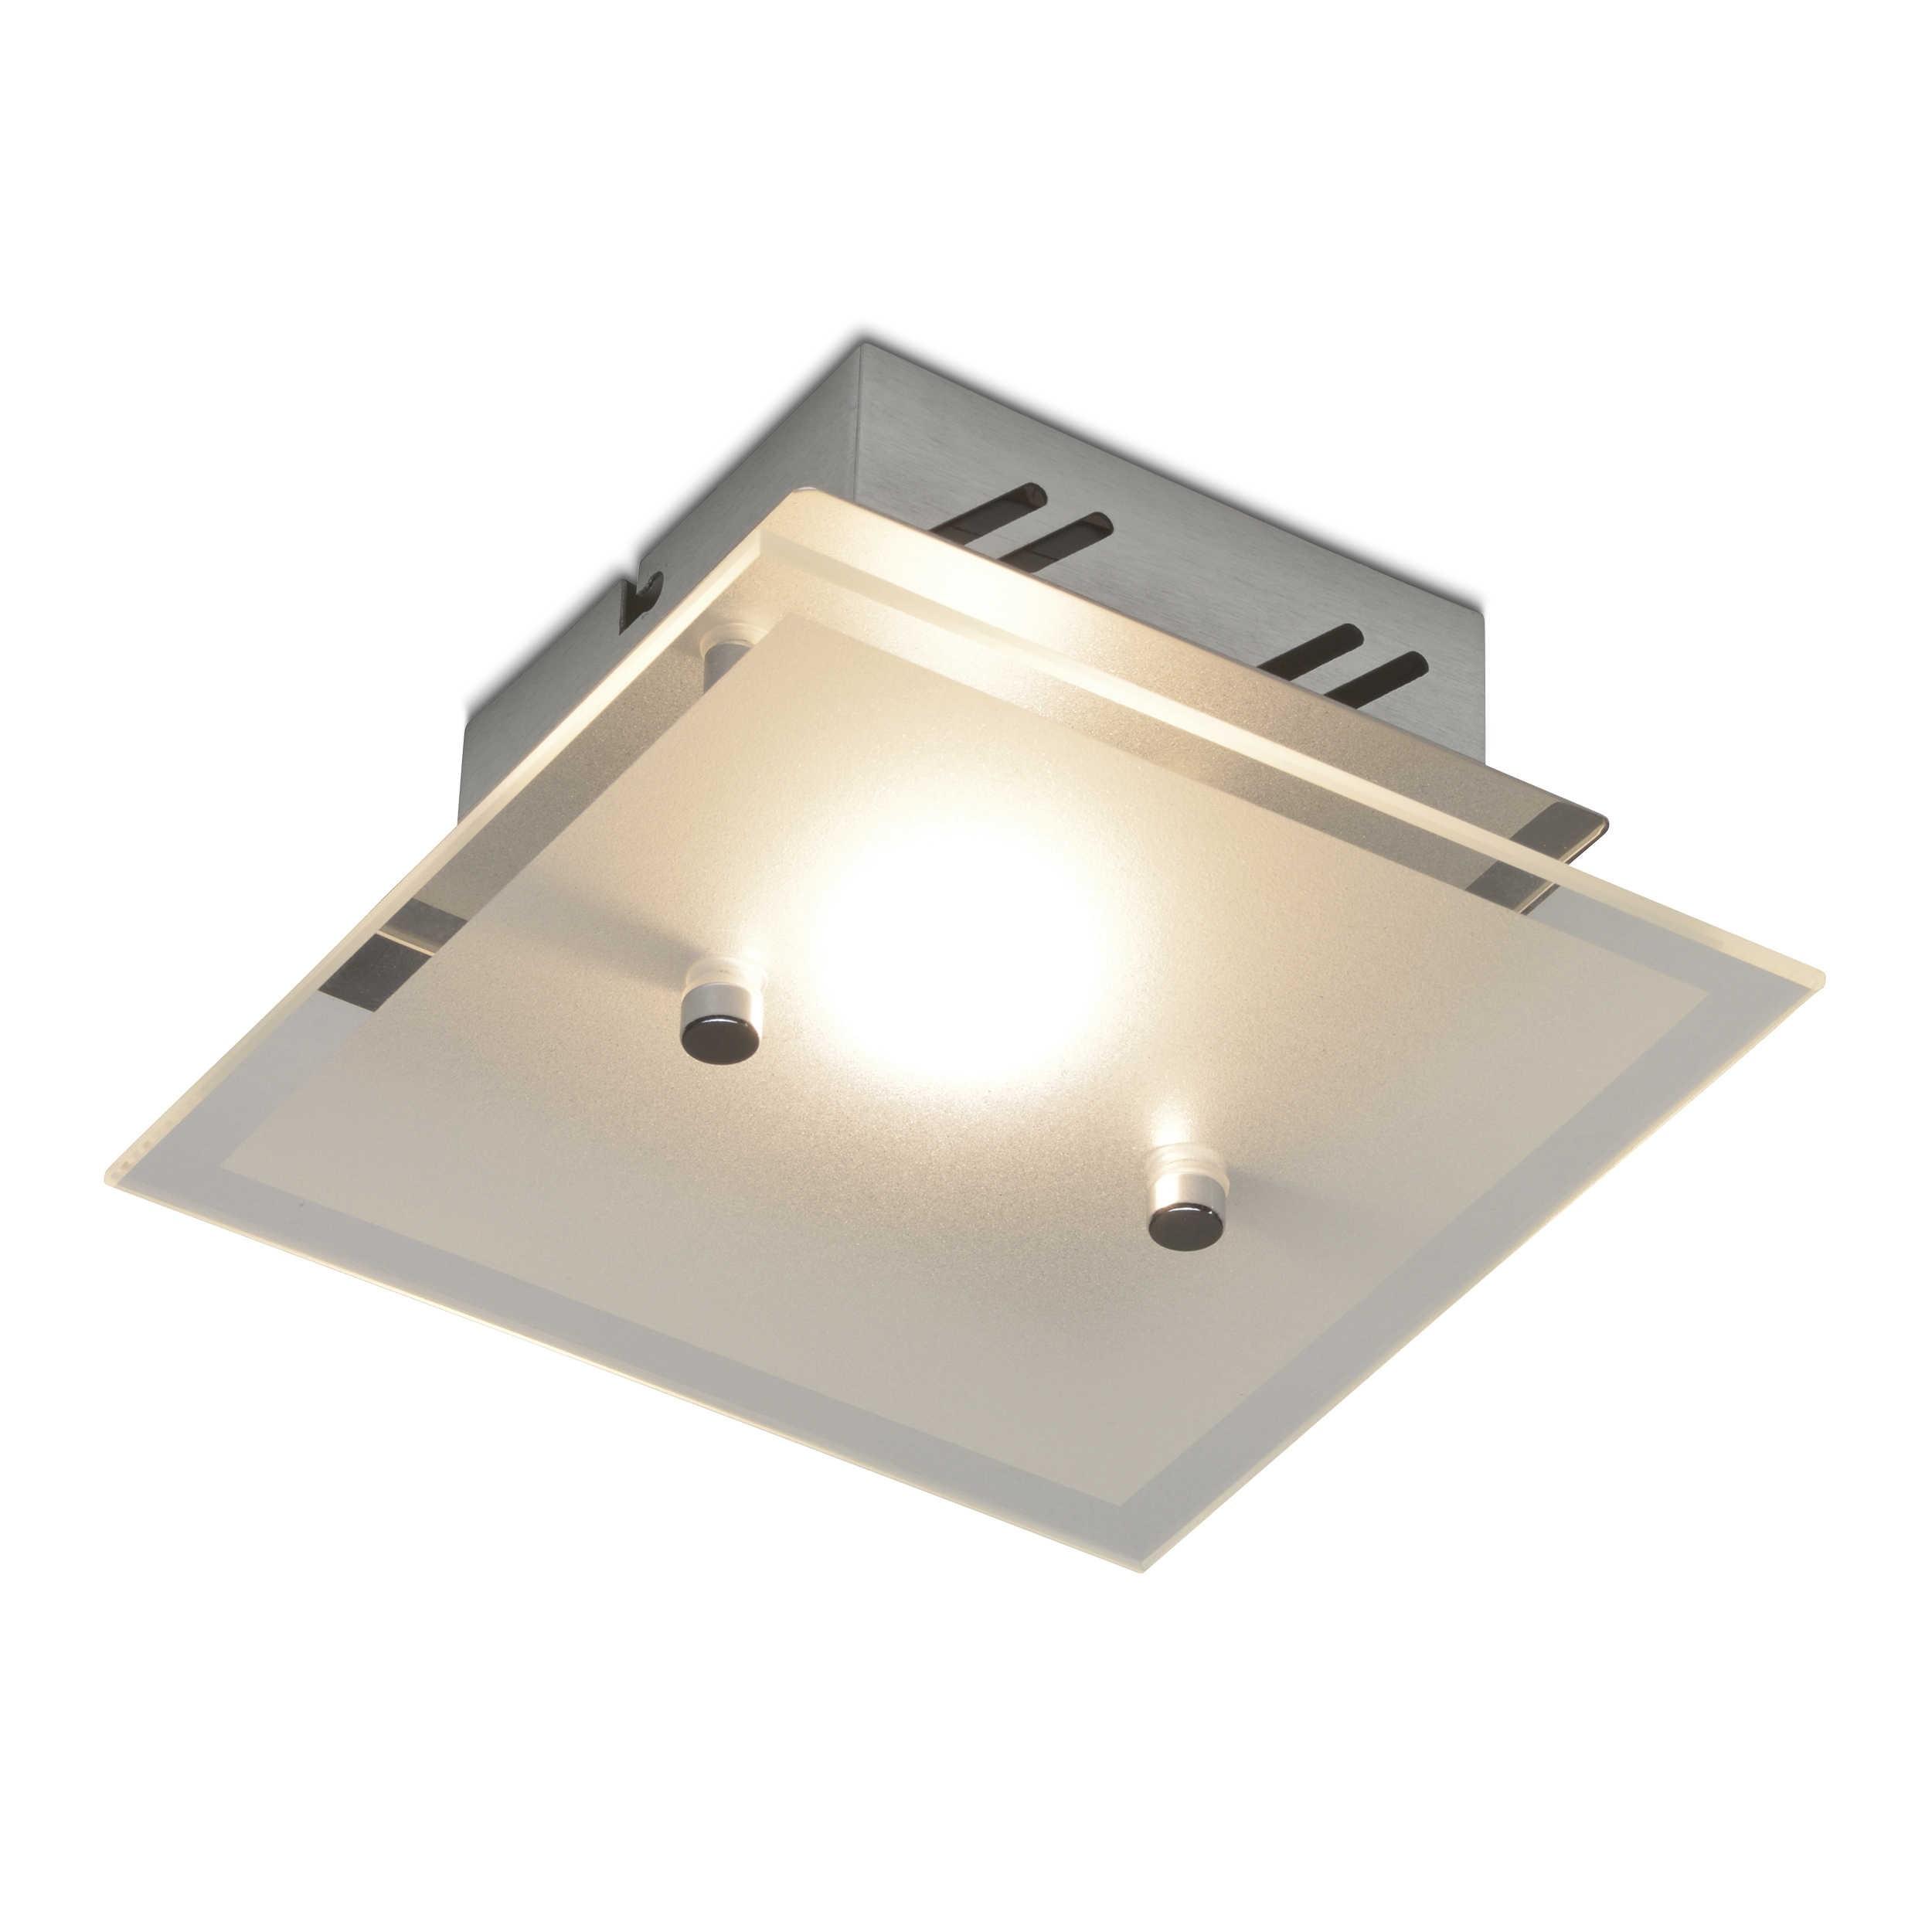 Designer Deckenleuchte Roma 30 Kaufen: DesignLive LED-Deckenleuchte Lela A+ Chrom Chrom,Alu